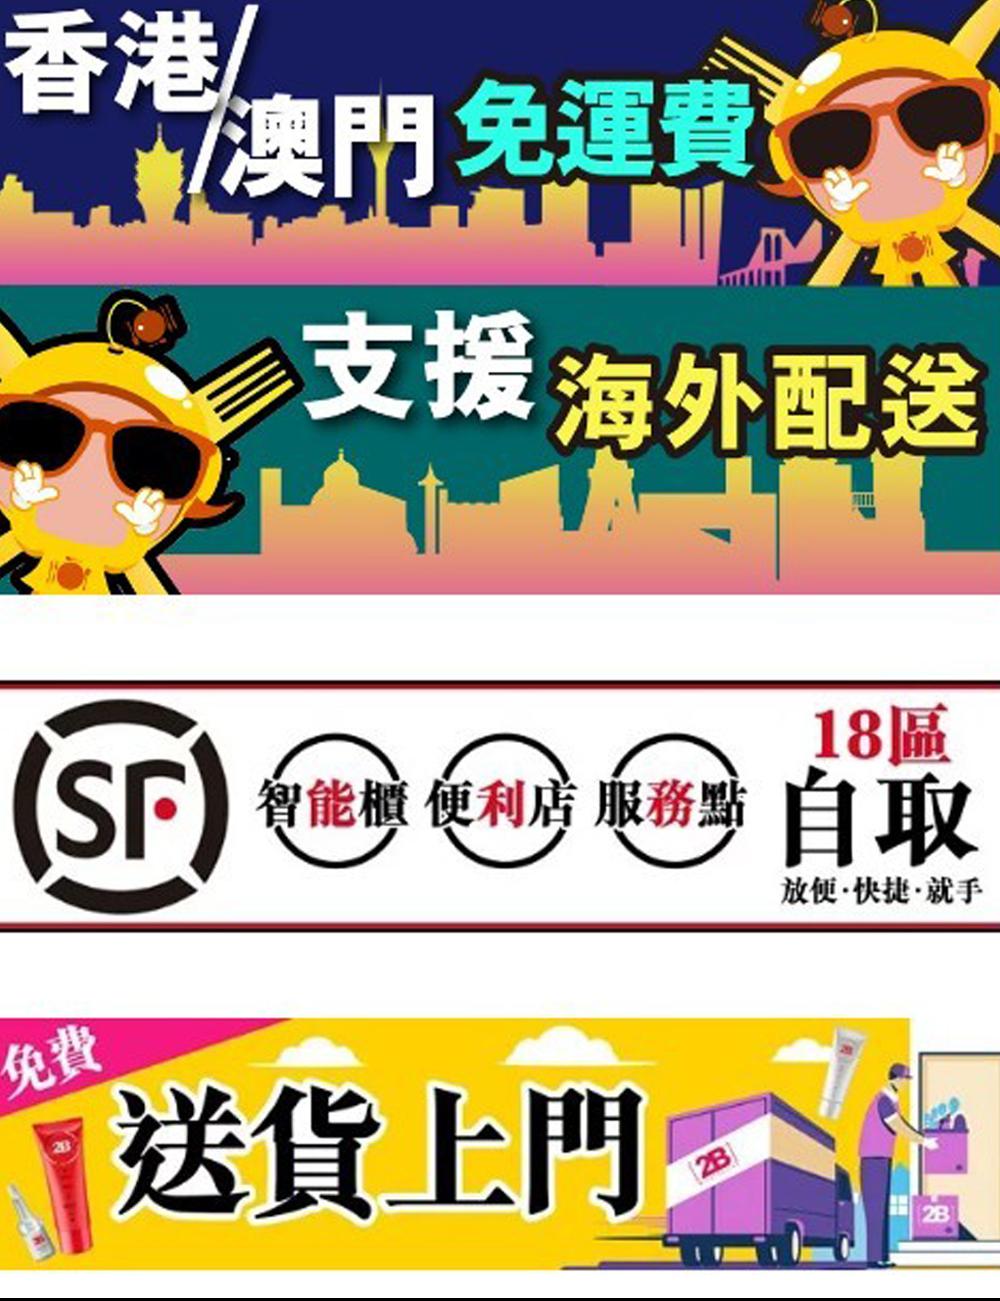 瘦腿/2B/For Leg & Hip Pro/杨怡/瘦腿/2B/For Leg & Hip Pro/杨怡